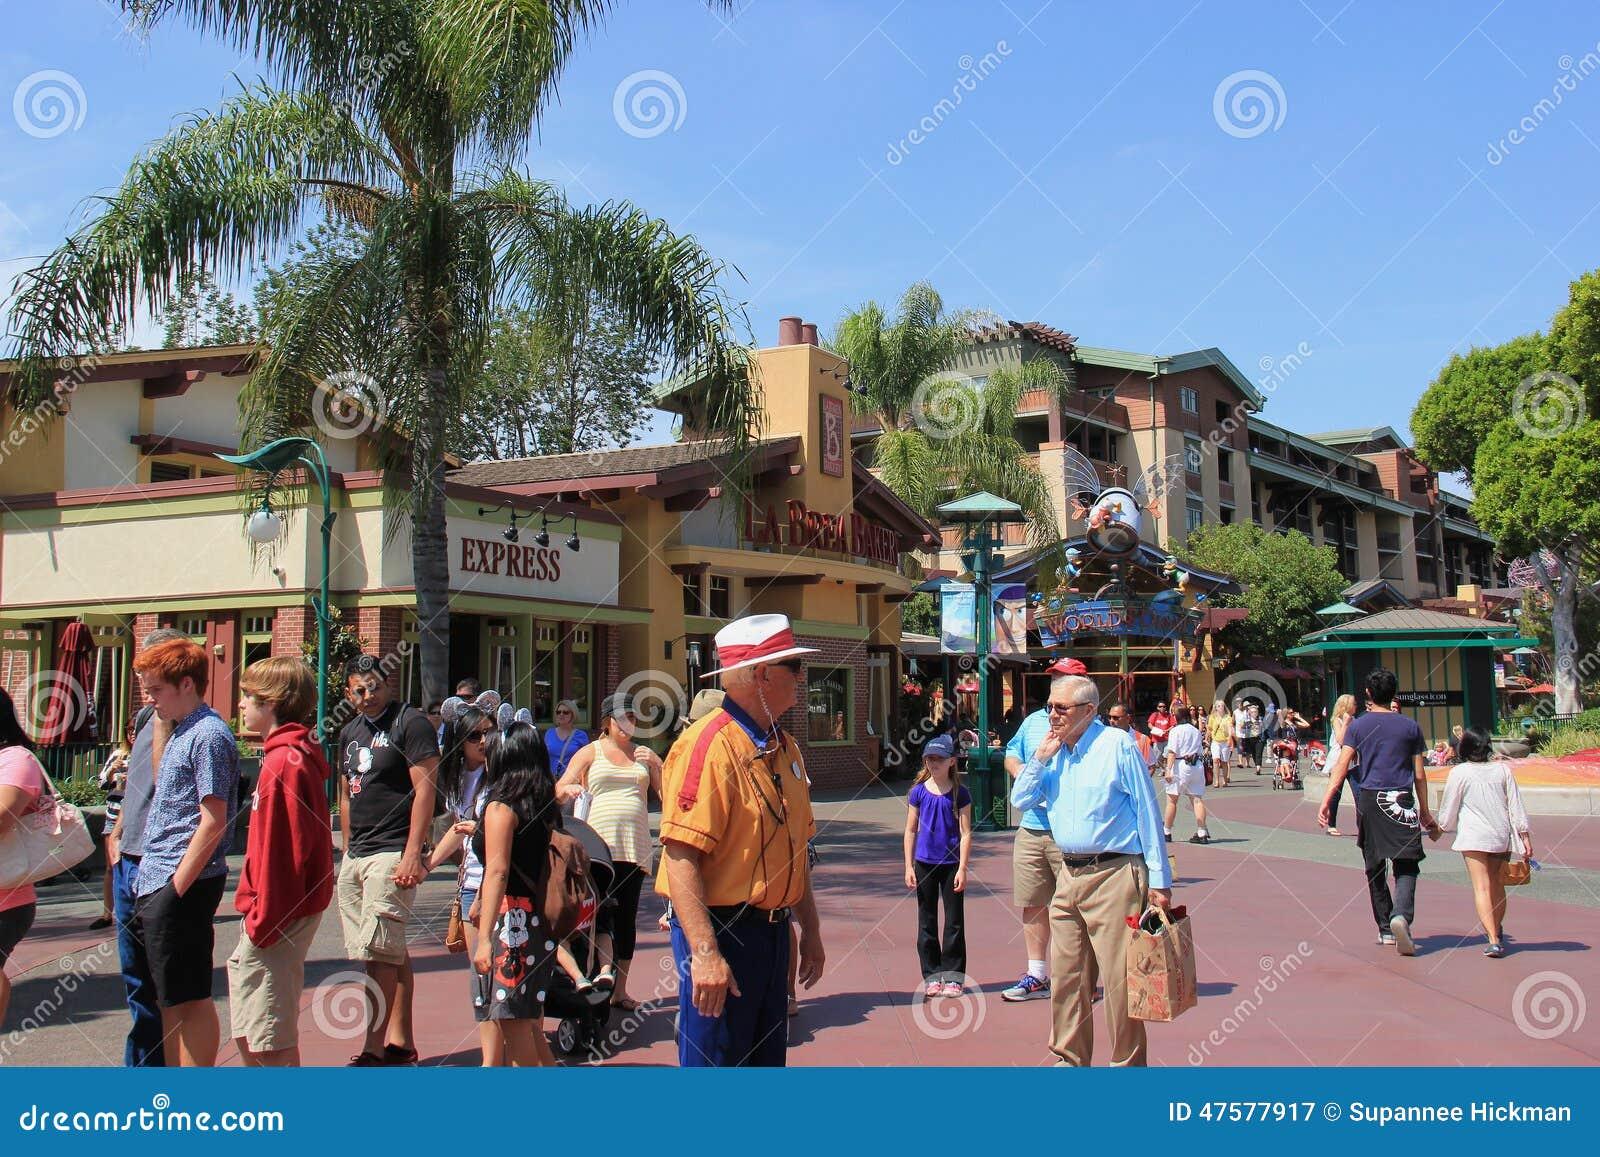 Hotels Near Disneyland | Park Vue Inn | Anaheim Hotel